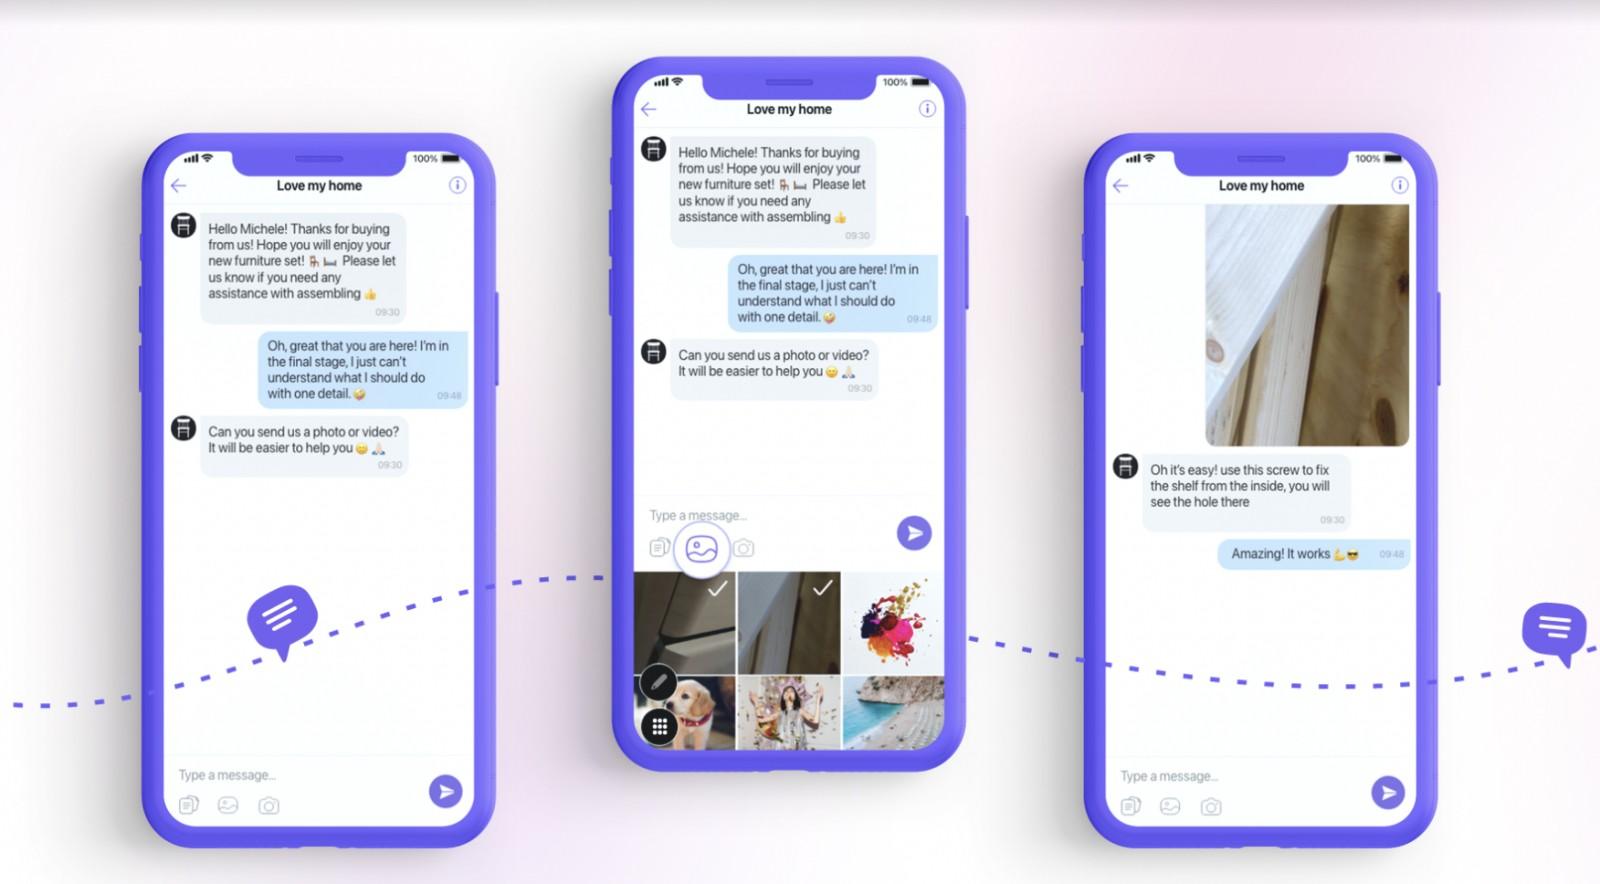 Οι χρήστες του Viber ανταλλάζουν φωτογραφίες και βίντεο με επιχειρήσεις